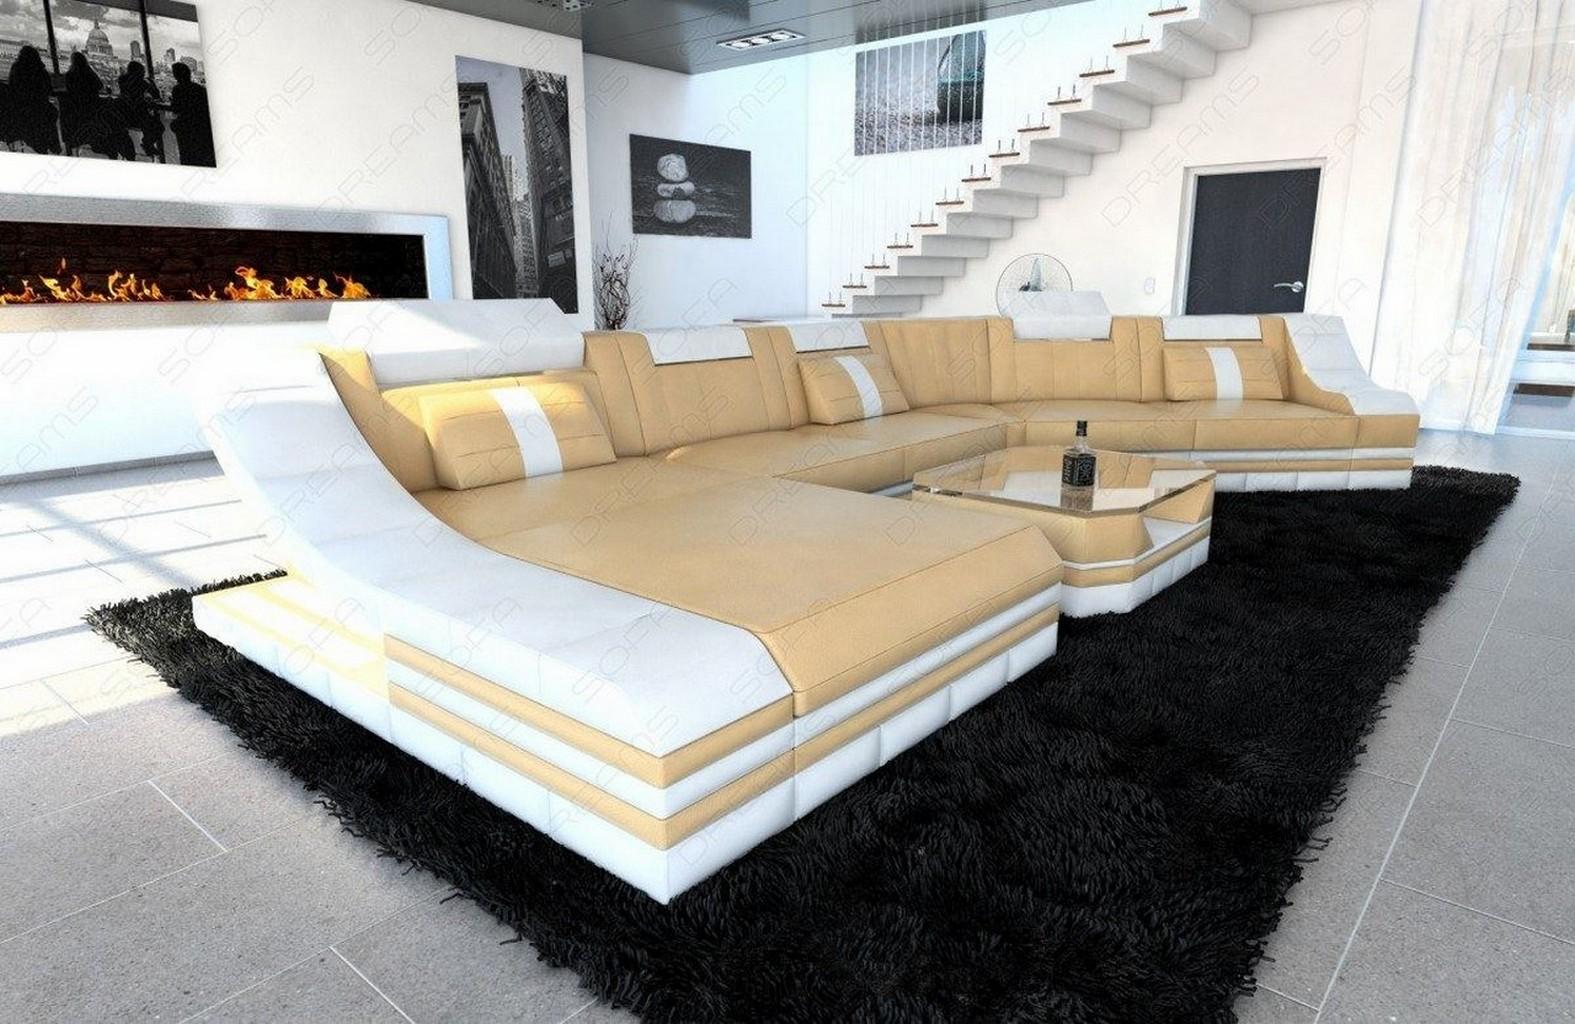 eckcouch xl wohnlandschaft turino cl mit led licht ledercouch sandbeige wei ebay. Black Bedroom Furniture Sets. Home Design Ideas